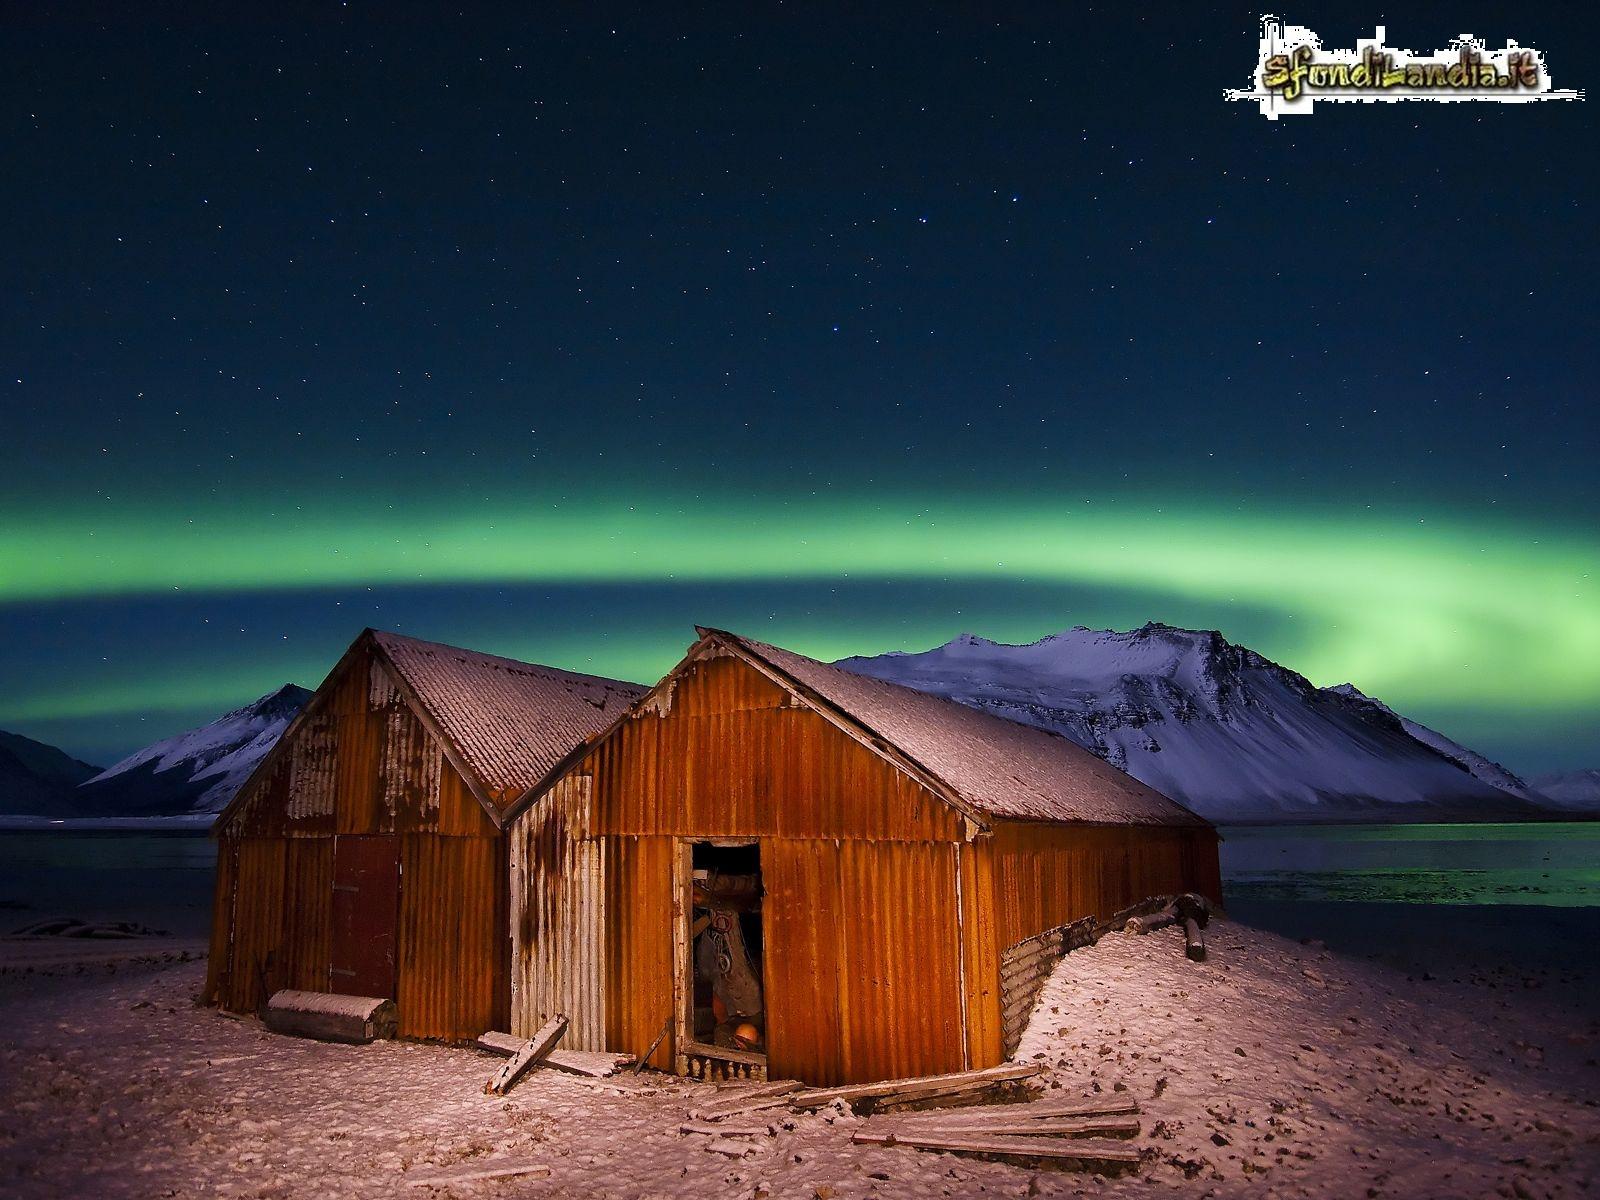 Sfondo aurora boreale gratis a 1600x1200 per il desktop for Sfondi desktop aurora boreale